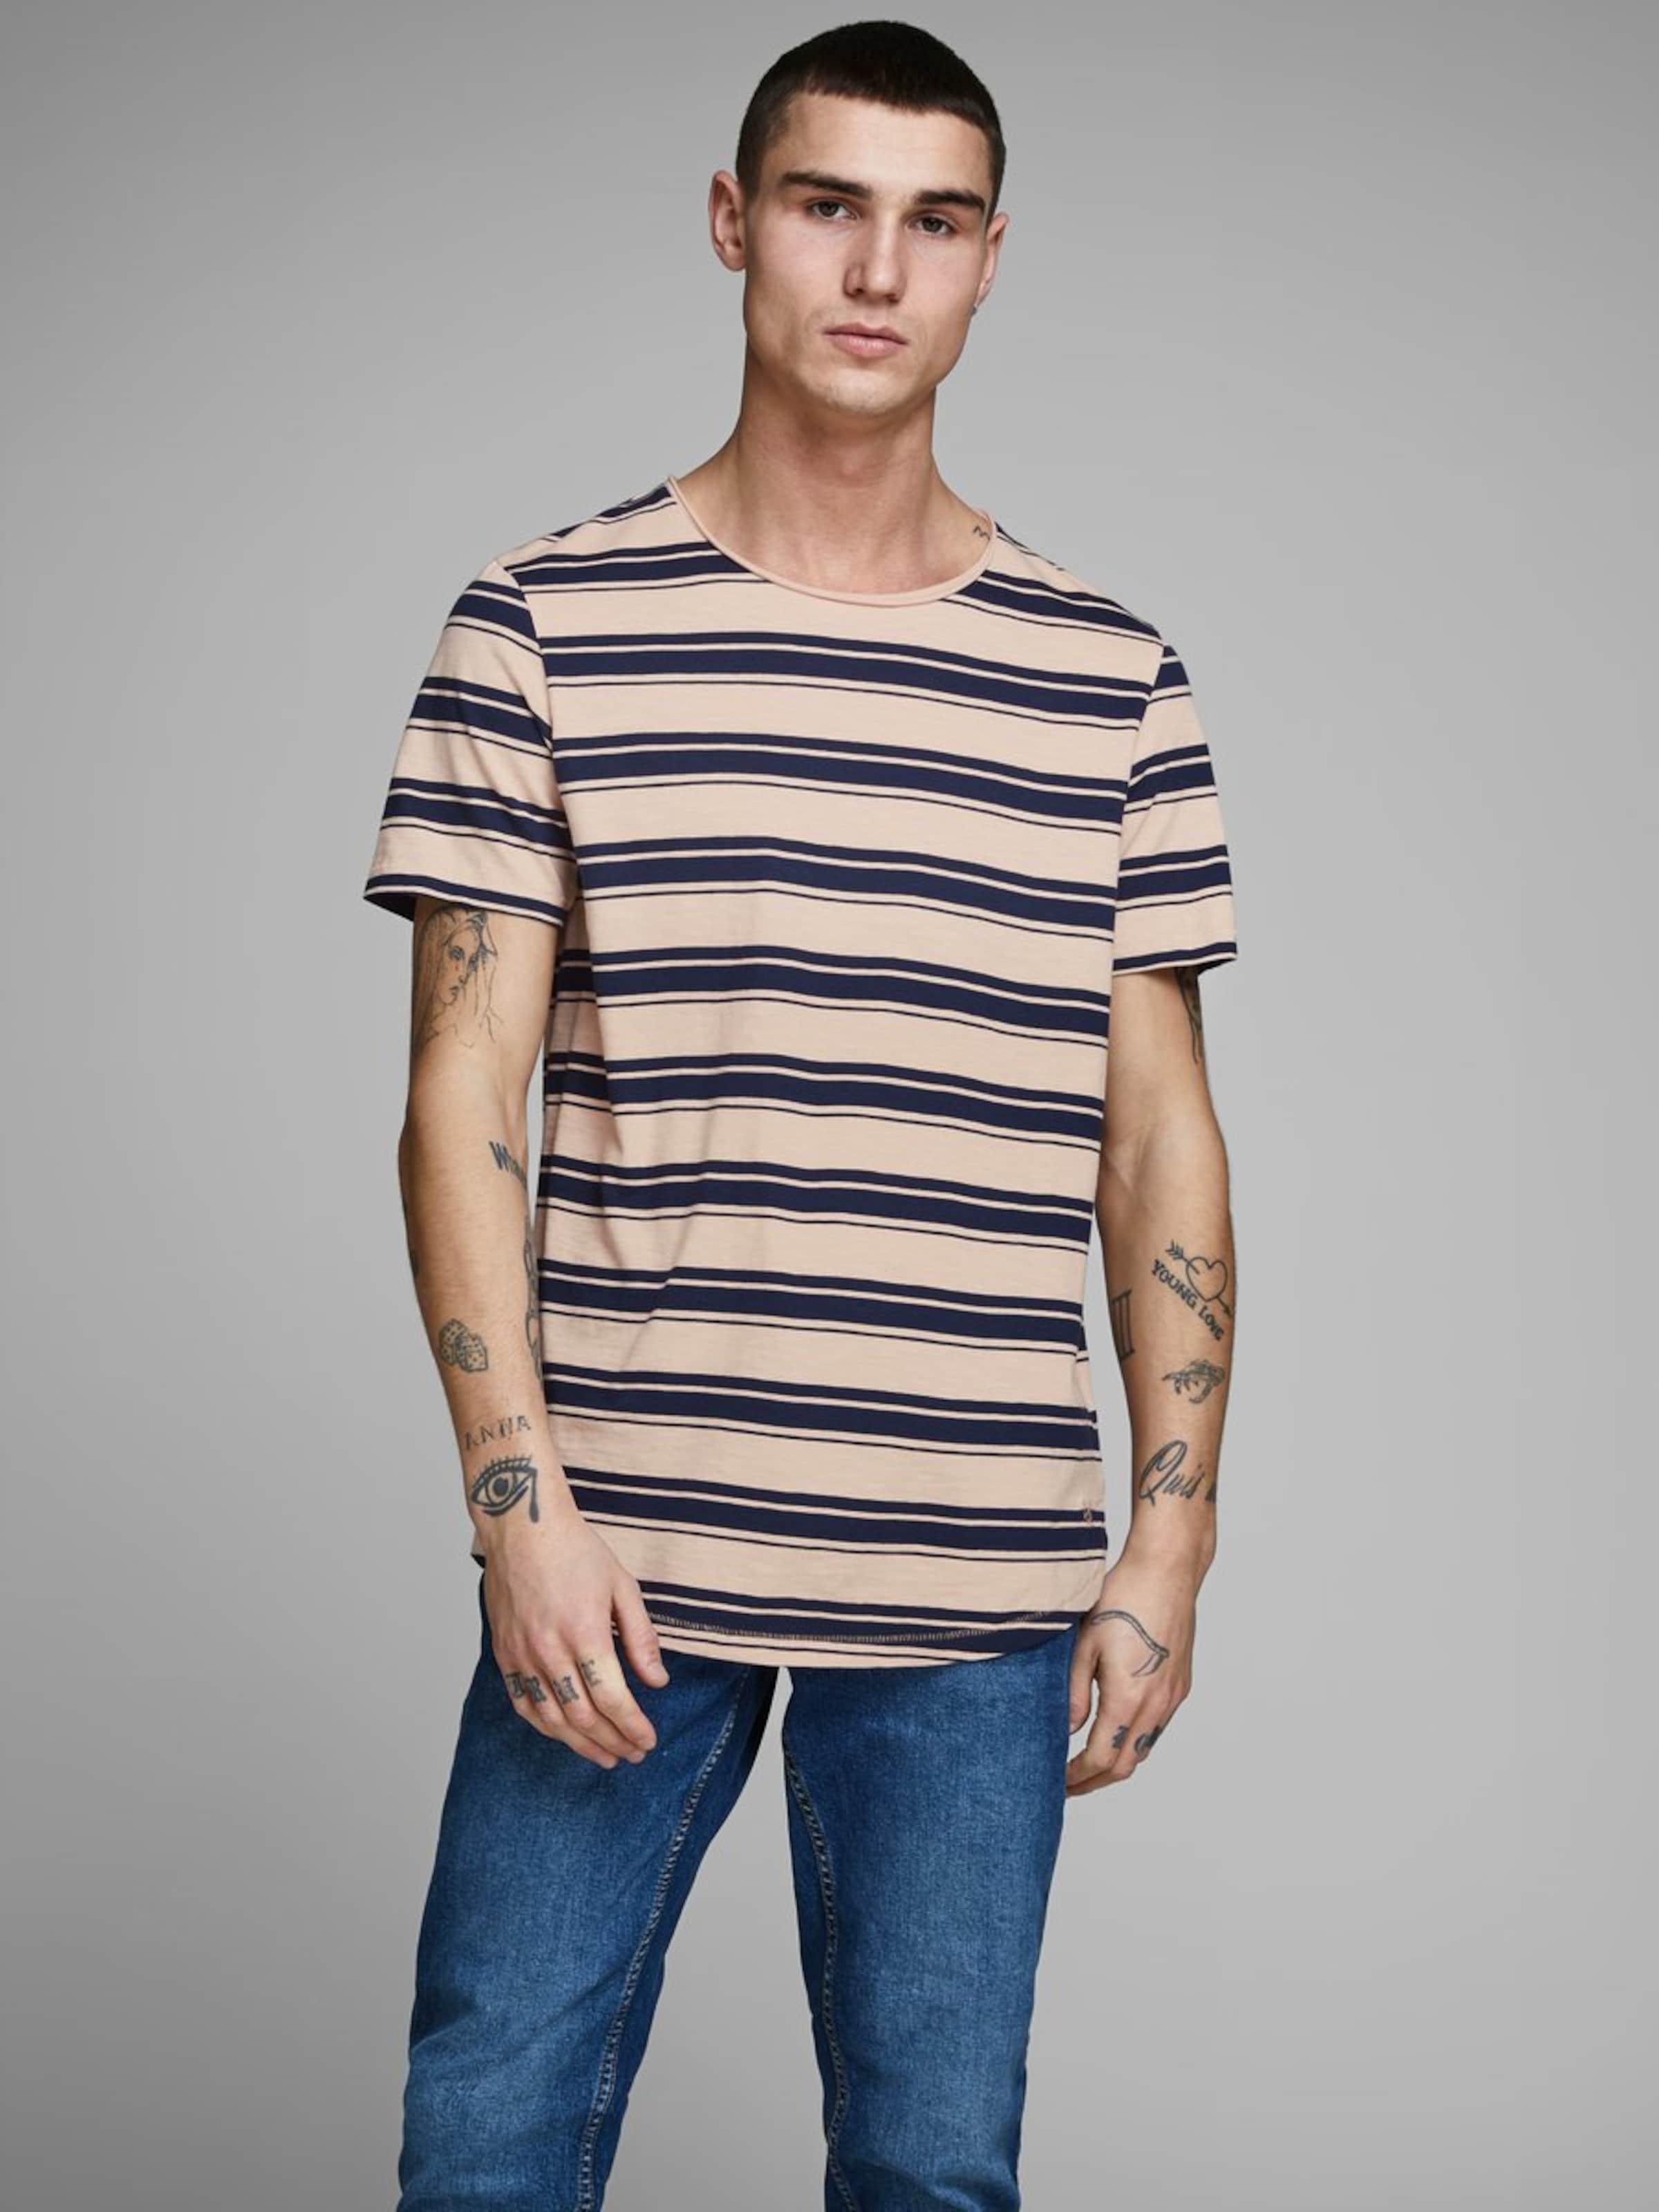 Jones In T shirt SandSchwarz Jackamp; 8nPwOk0